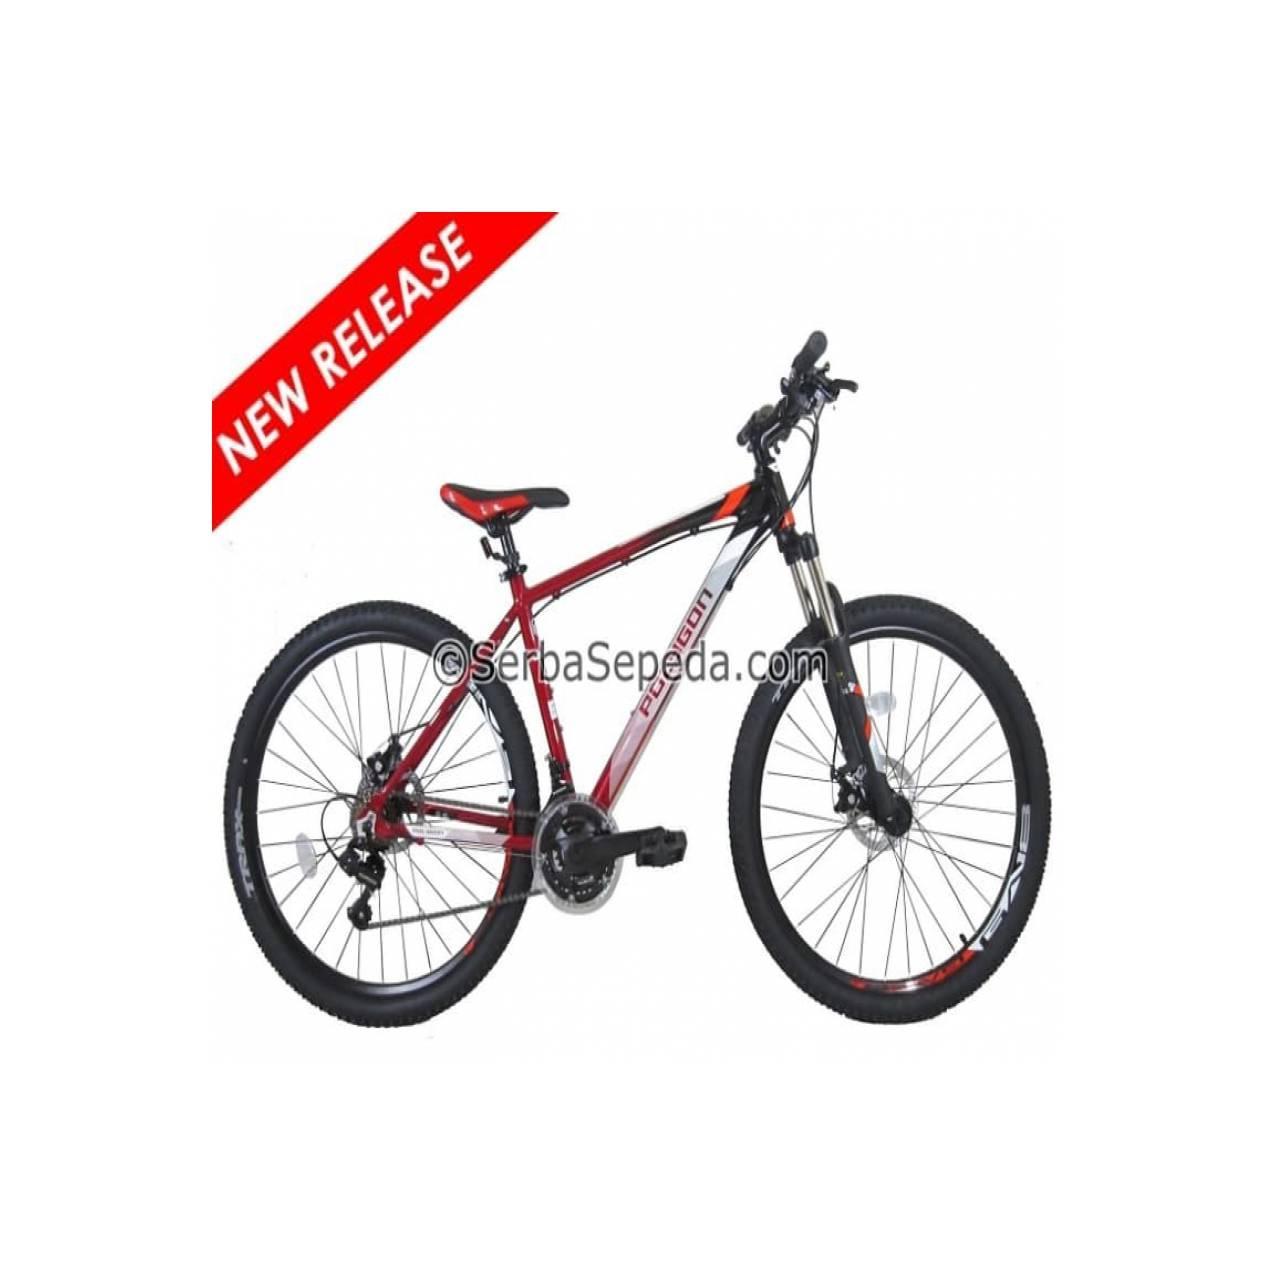 Harga Sepeda Polygon Cascade Lengkap Dan Termurah Cek 4 Mtb 2 2018 275